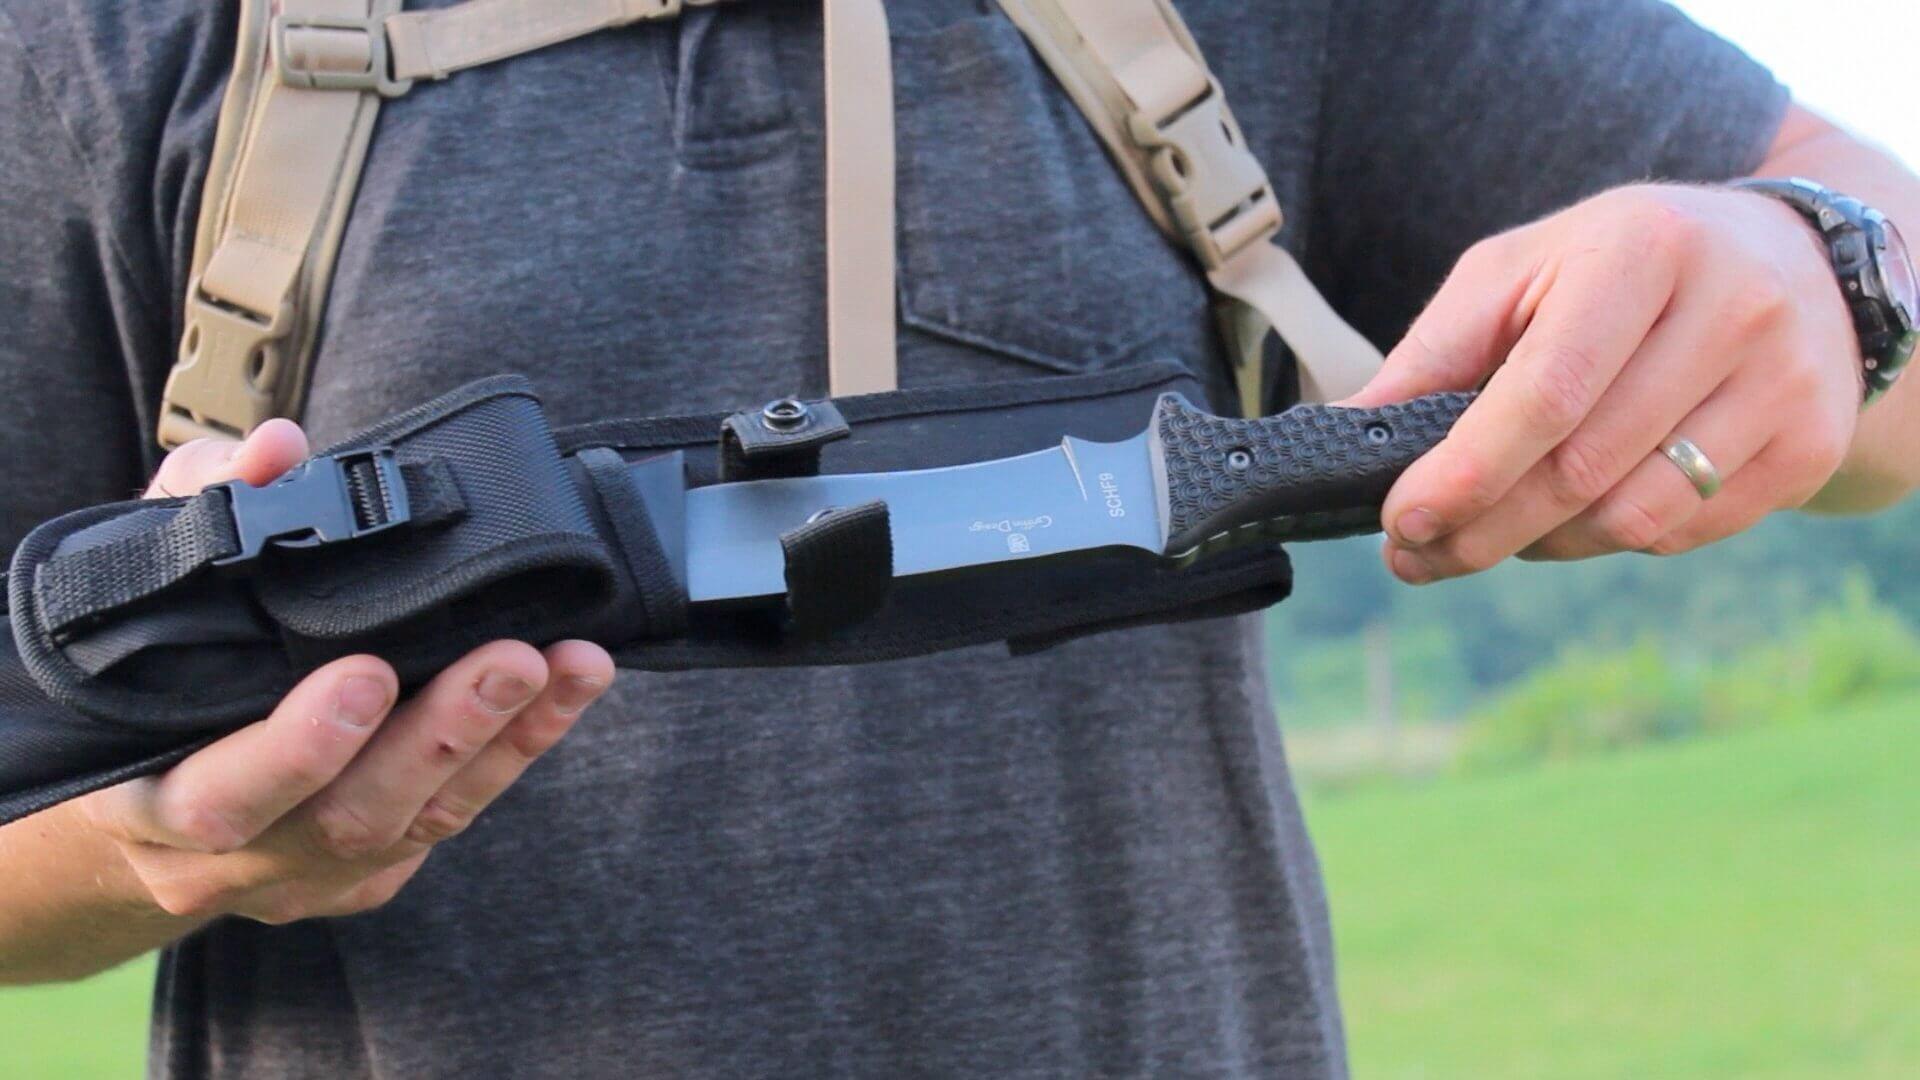 Schrade SCHF9 12.1in High Carbon Steel, best survival knives, bushcrafting, best survival knives of all time